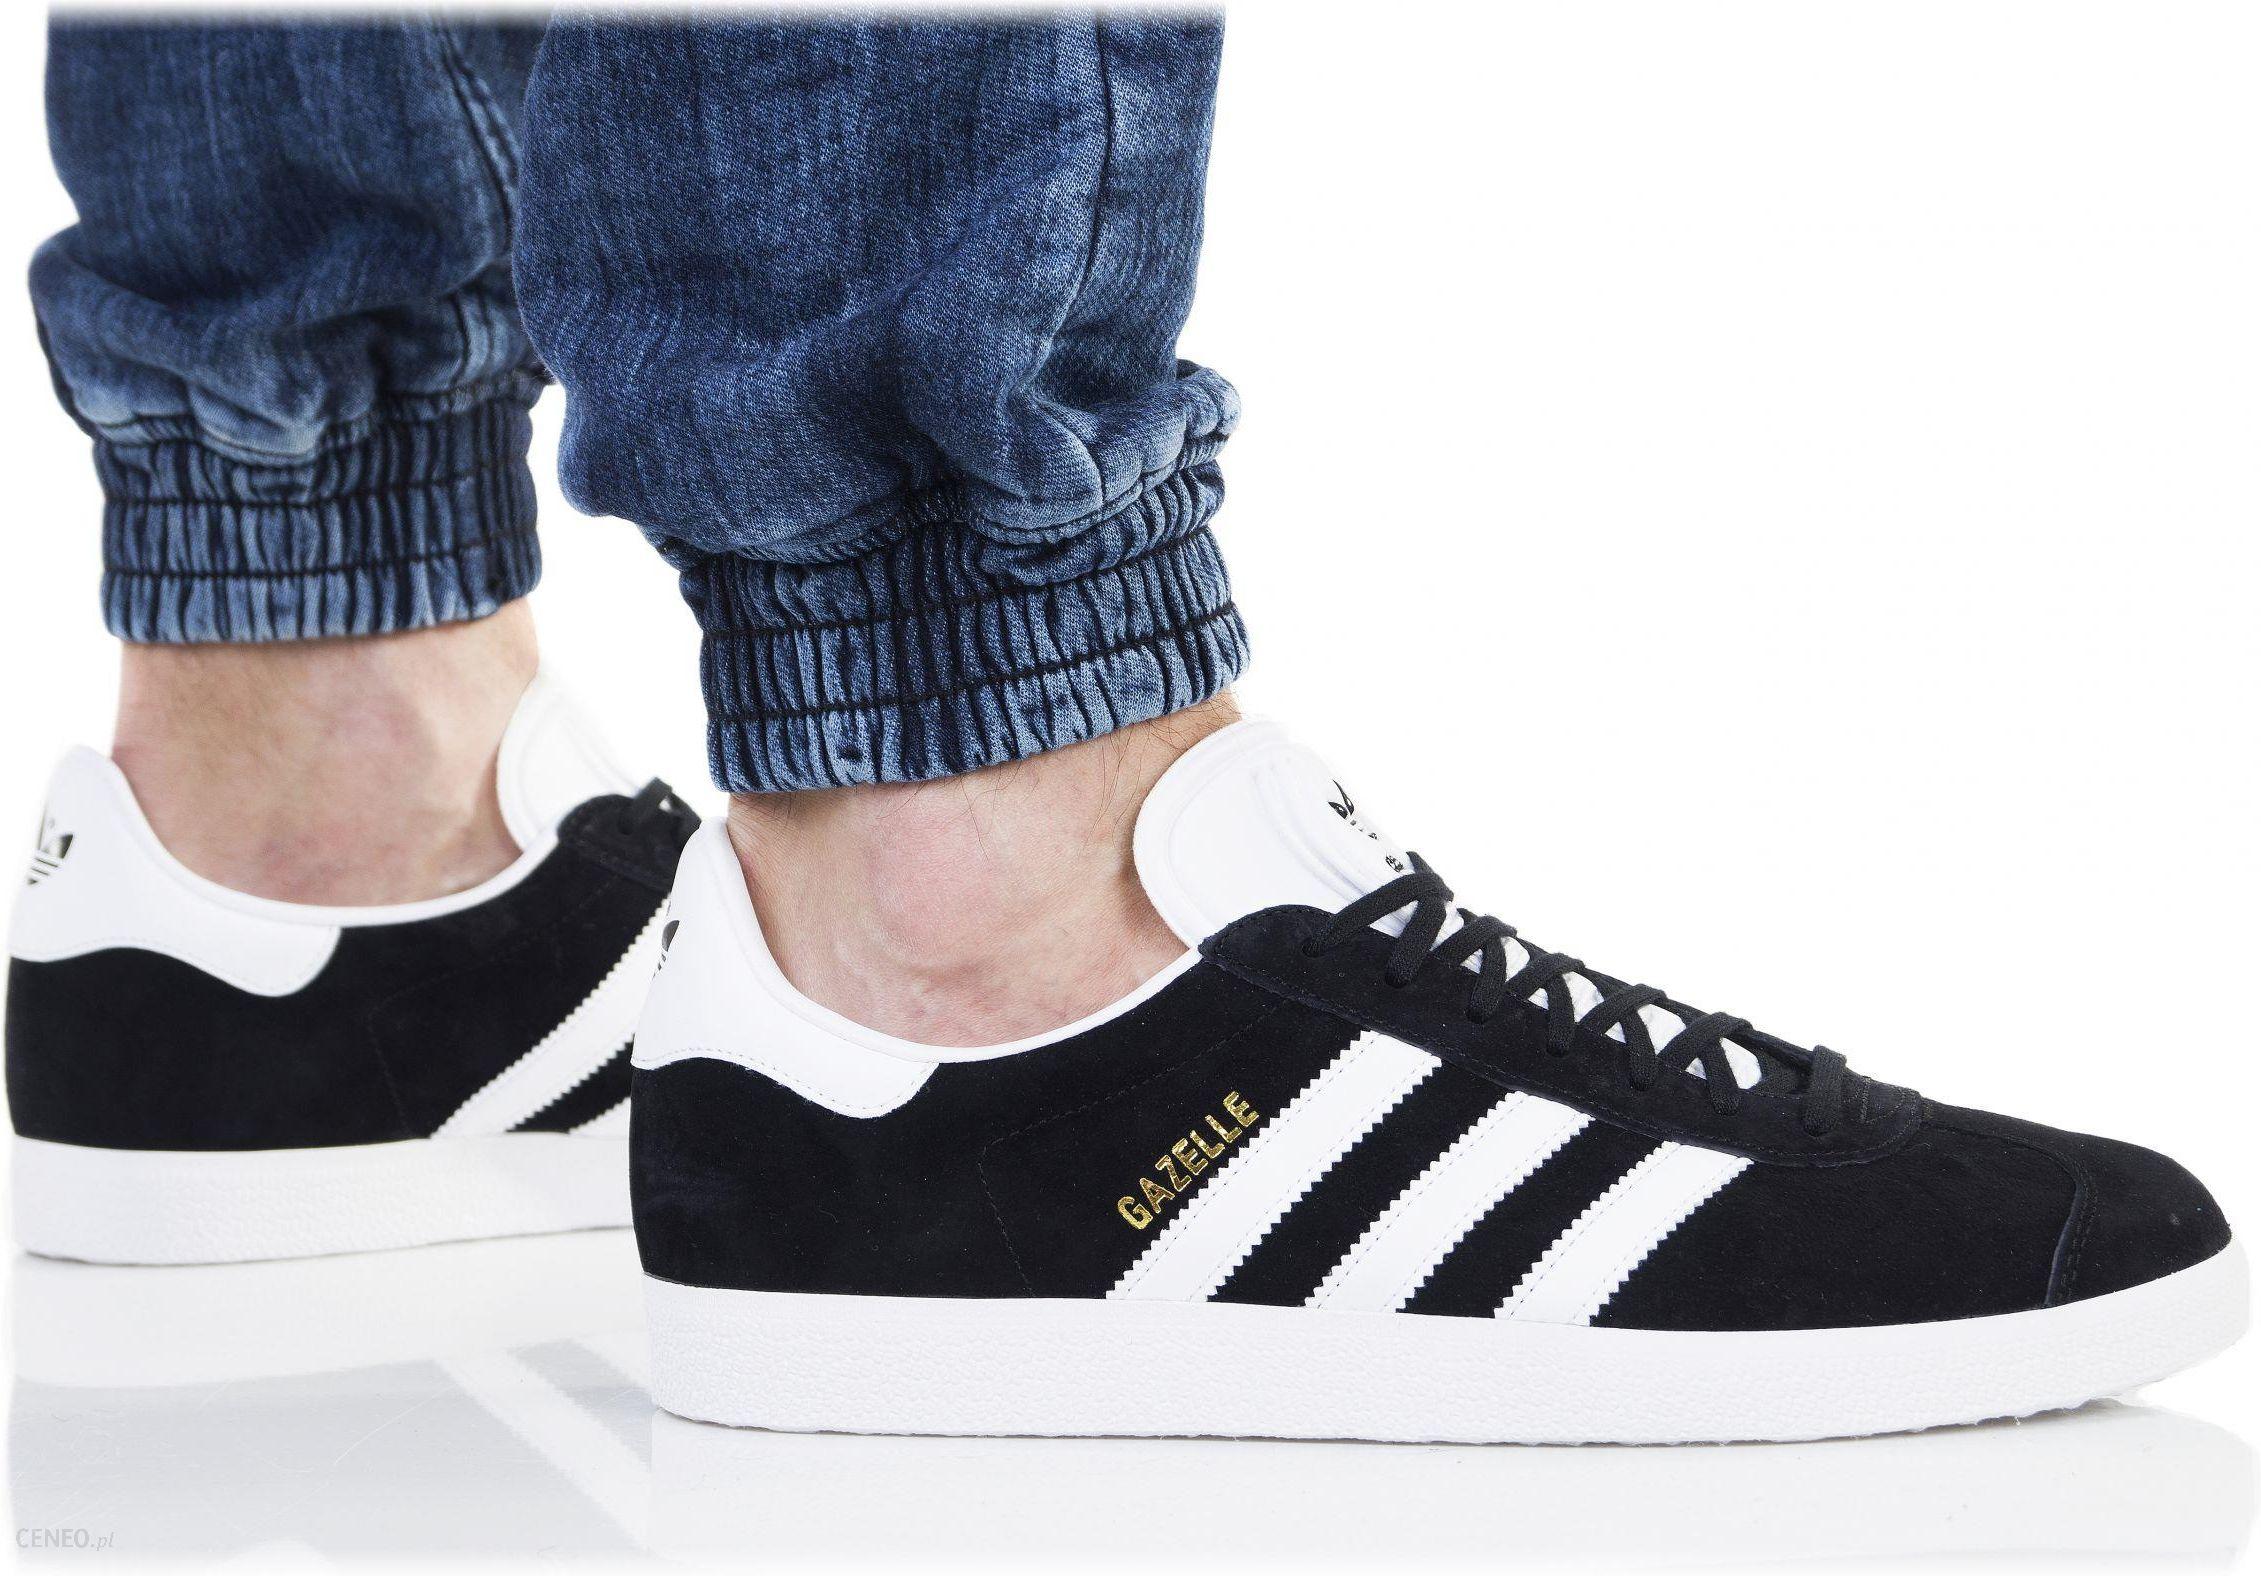 buty originals gazelle adidas czarne ceneo